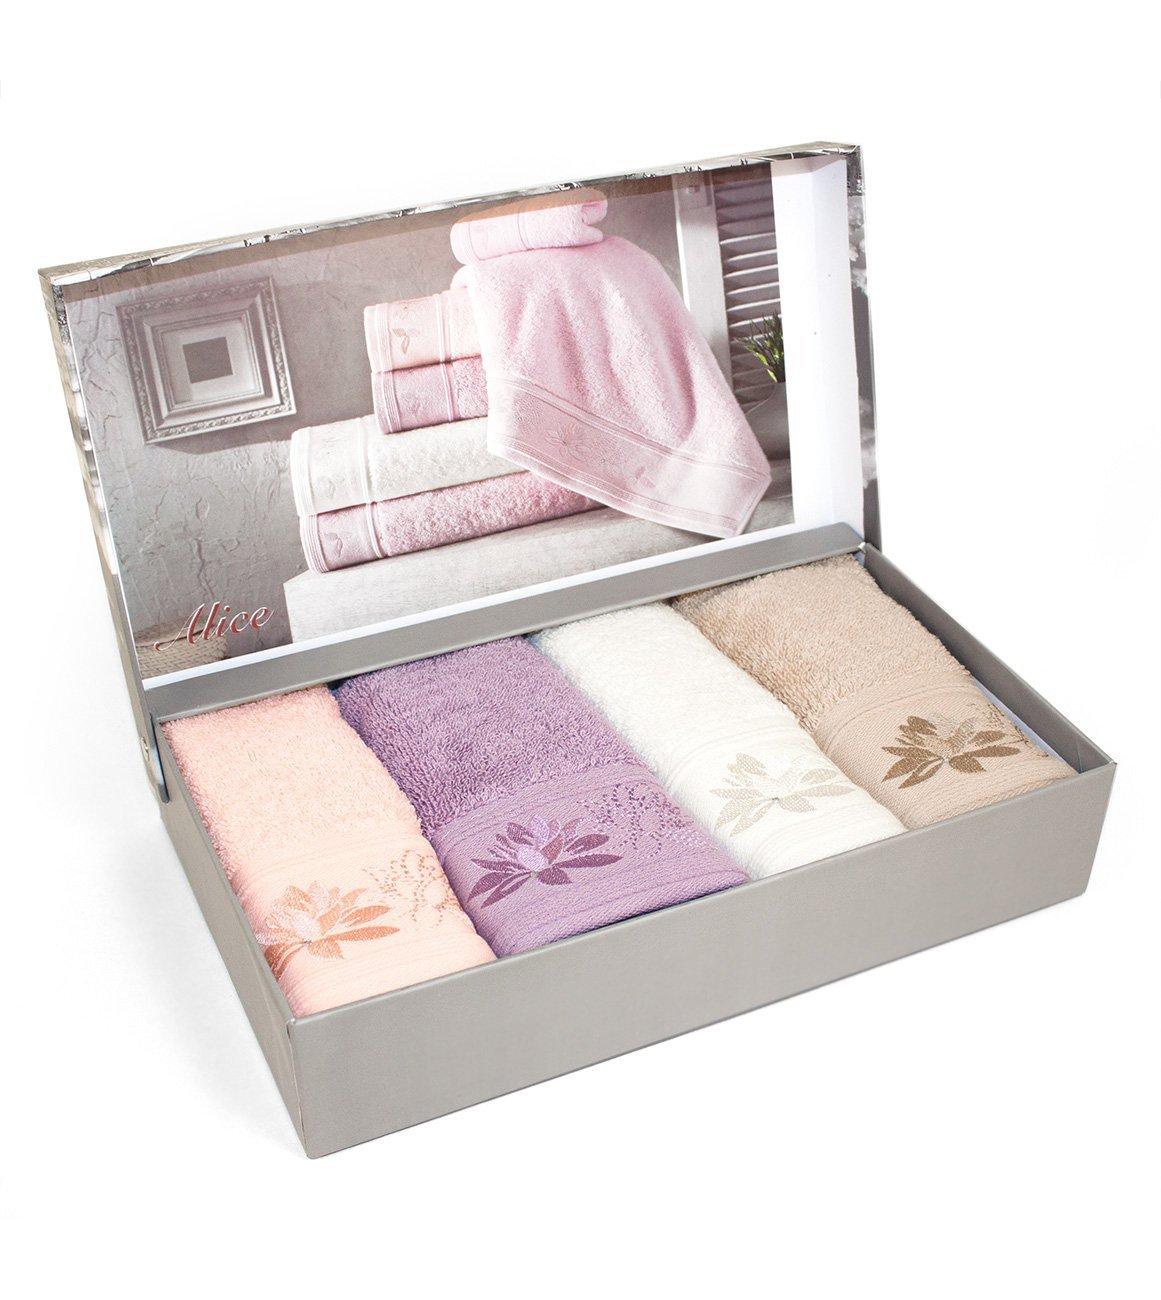 Комплект полотенец (30x50 4шт) Alice со стразами Maison